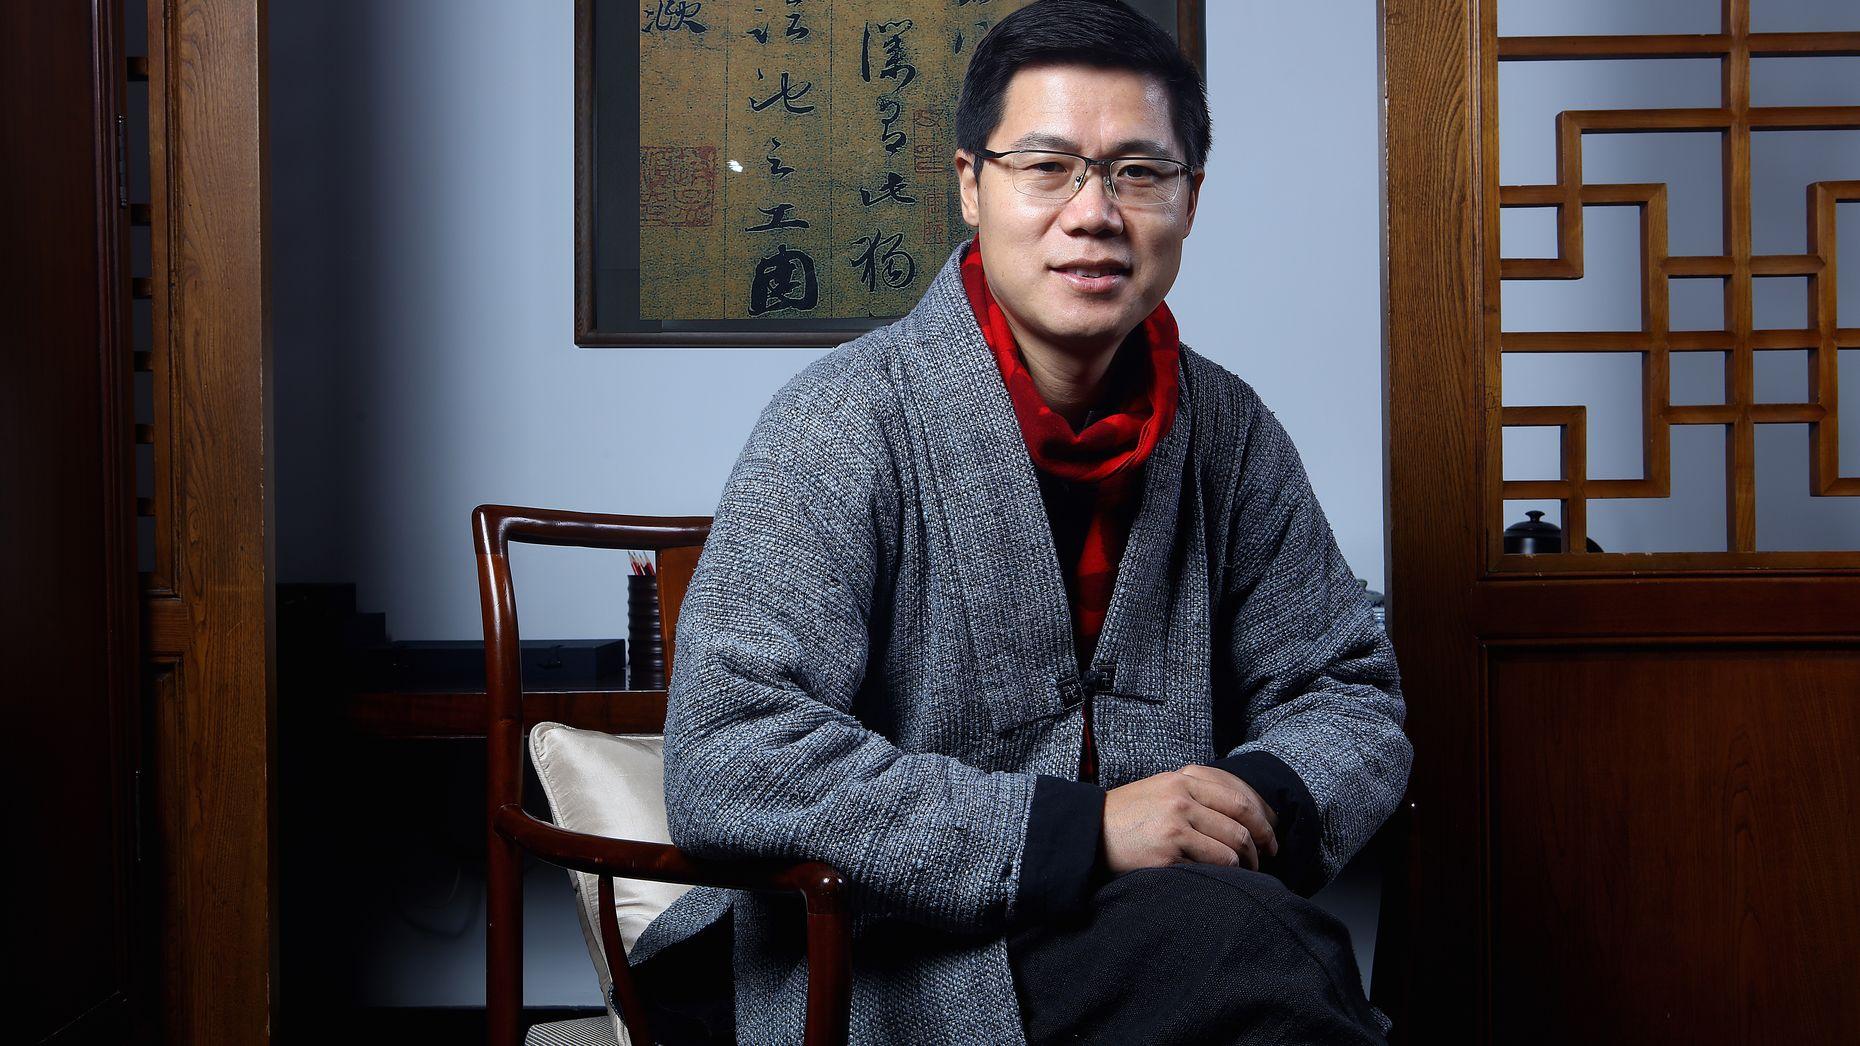 Chinese angel investor Wang Gang. Photo by Zhang Yong.